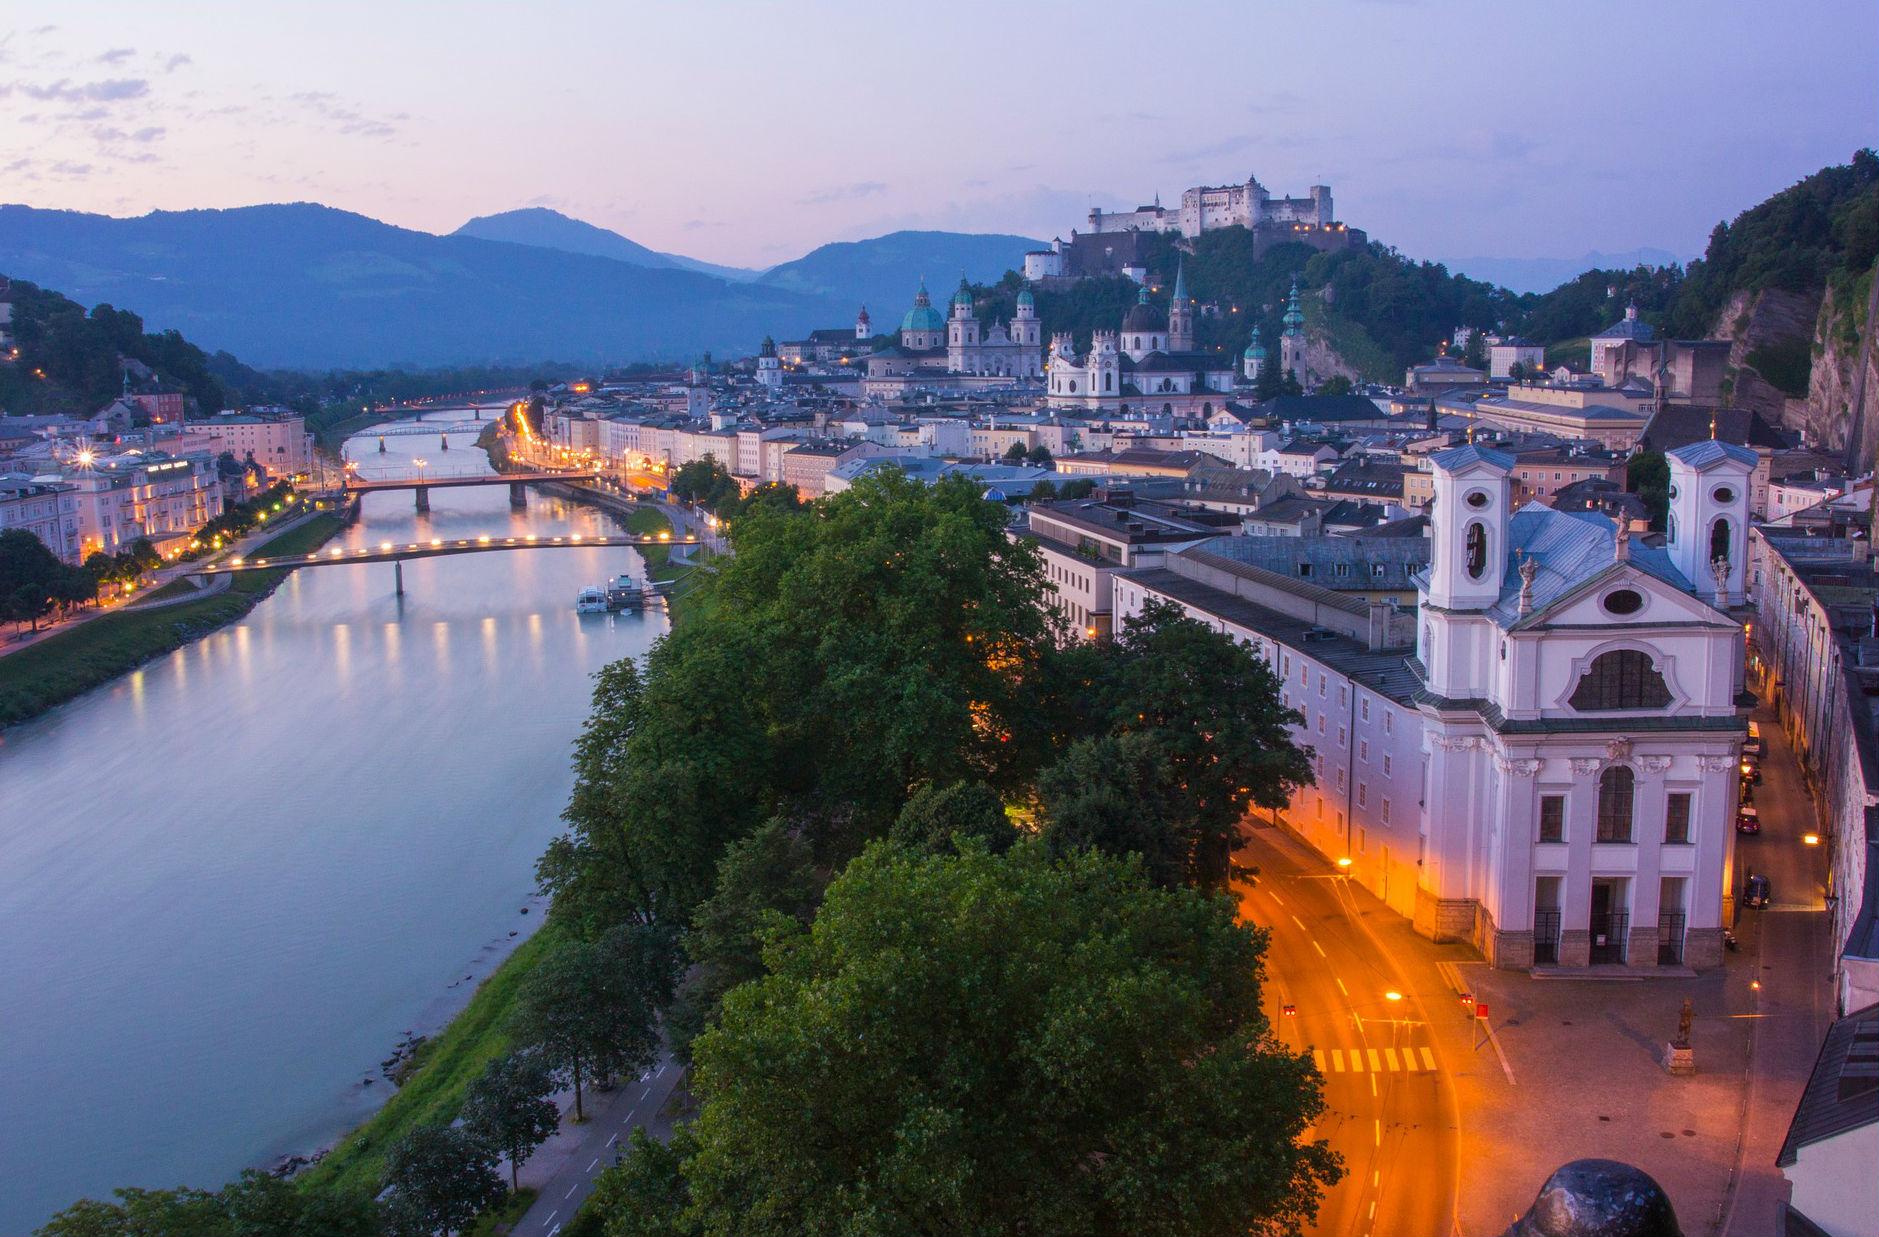 Besonders gegen Abend, wenn die Stadt in ein funkelndes Lichtermeer eintaucht, blüht Salzburg nochmal richtig auf